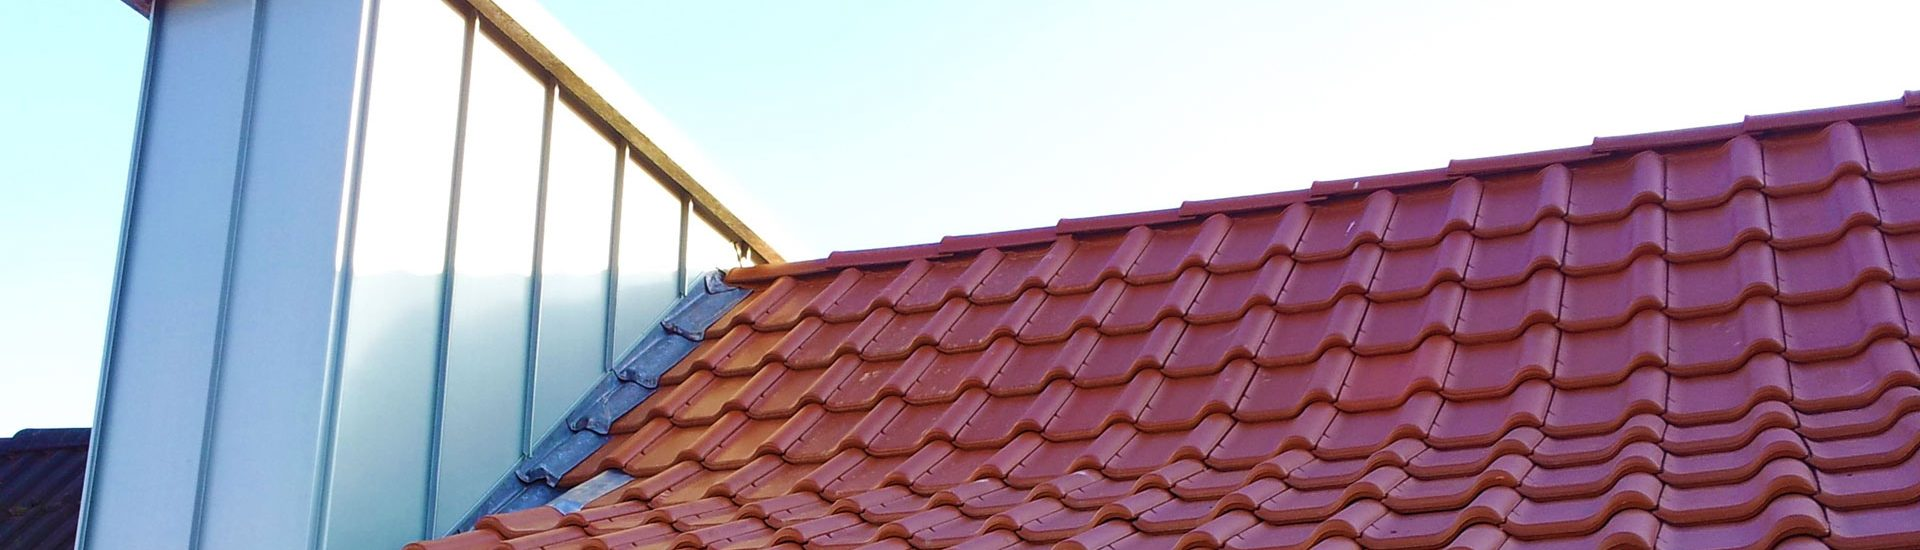 Saubere Dacharbeiten vom Dachdeckermeister Philipp Hölker